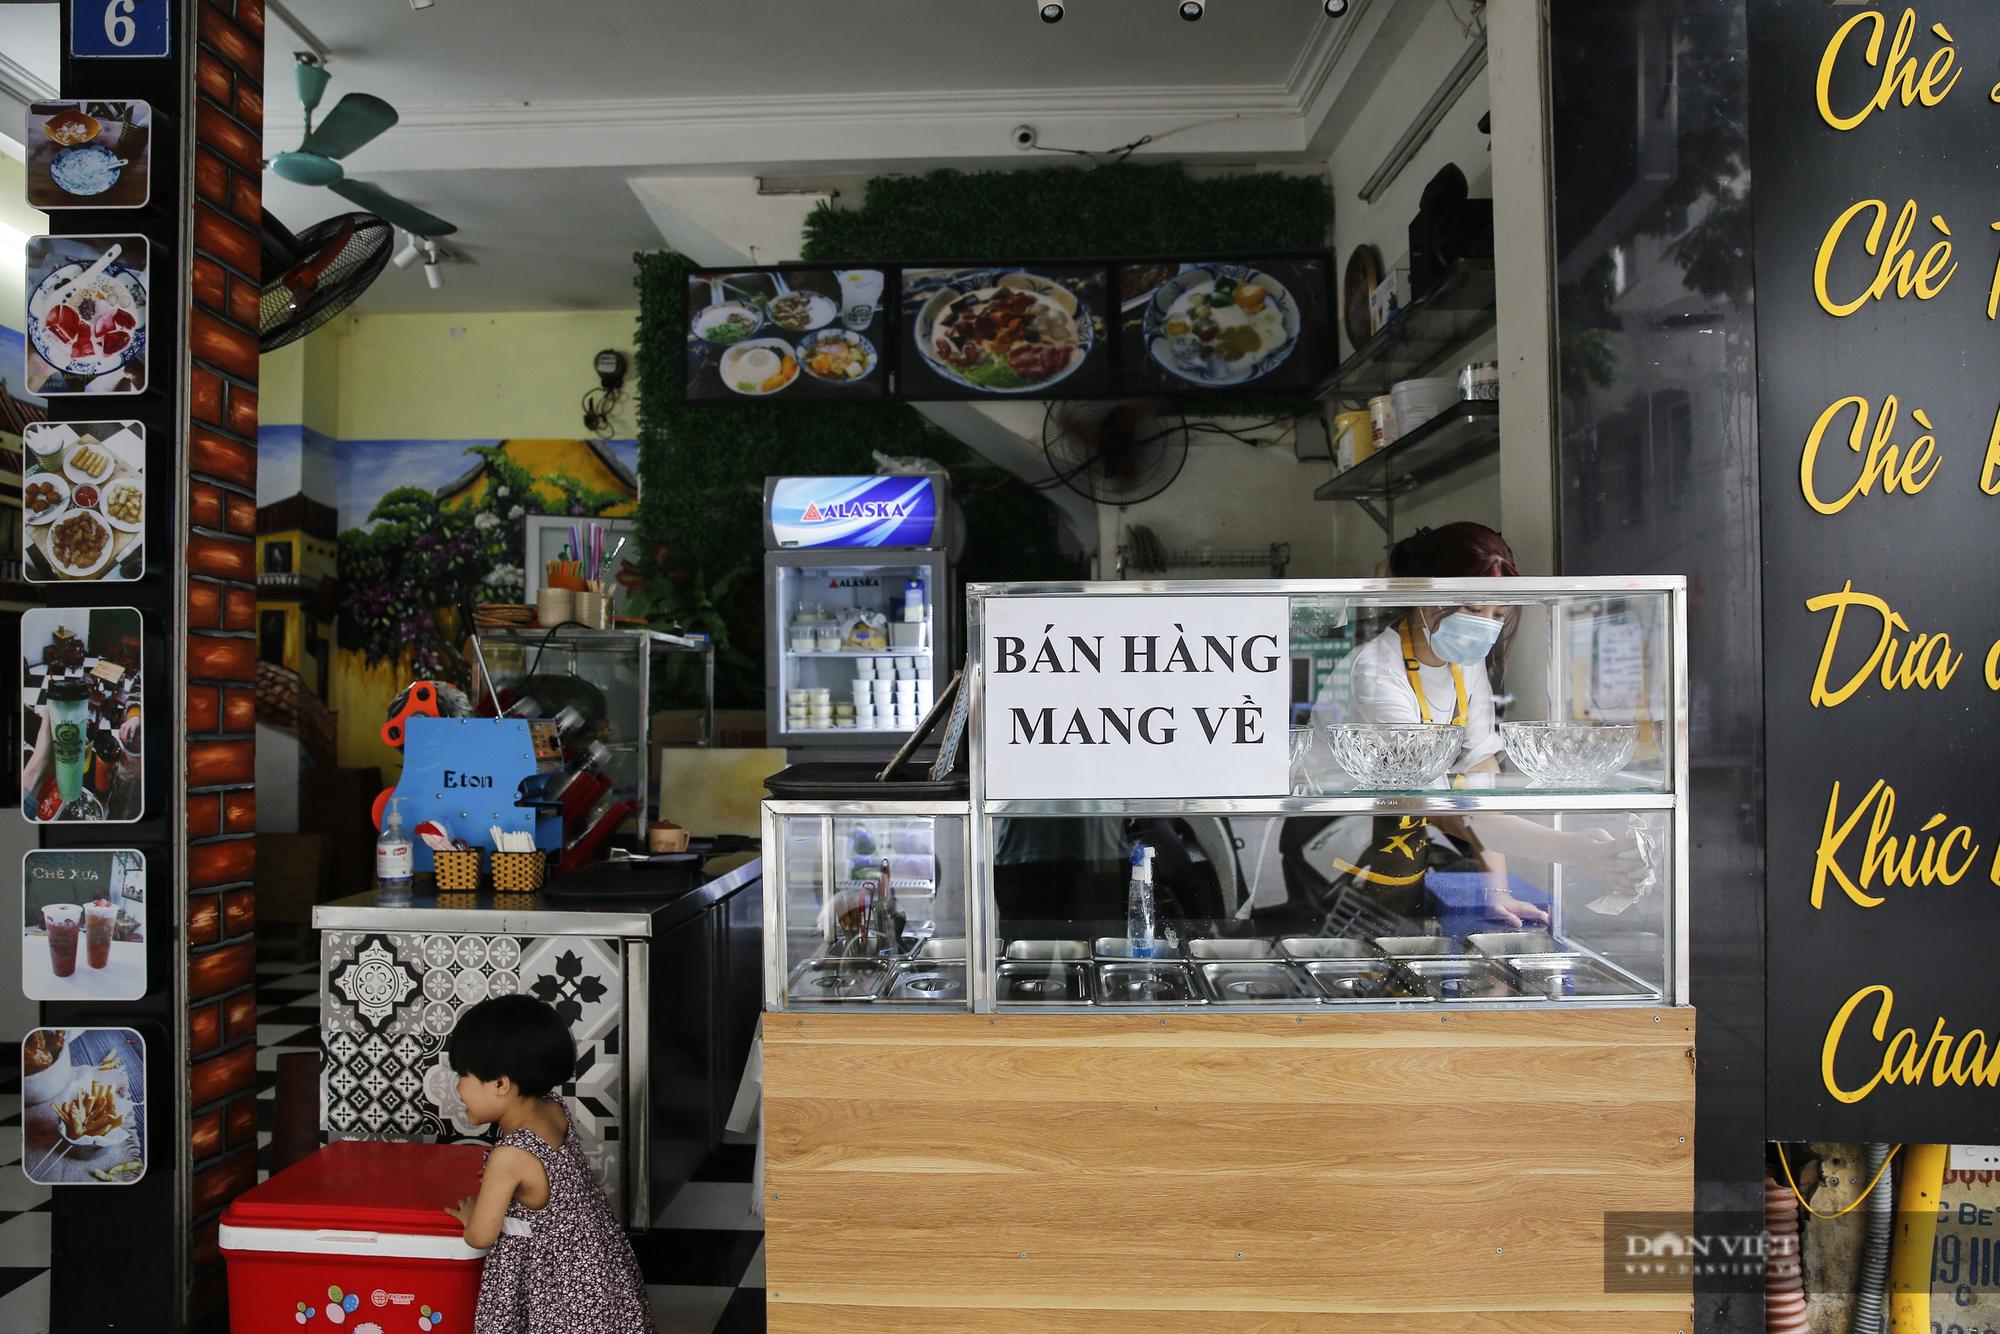 Hà Nội: Cơ sở kinh doanh dịch vụ ăn, uống được phép bán mang về từ 12h ngày 16/9 - Ảnh 1.